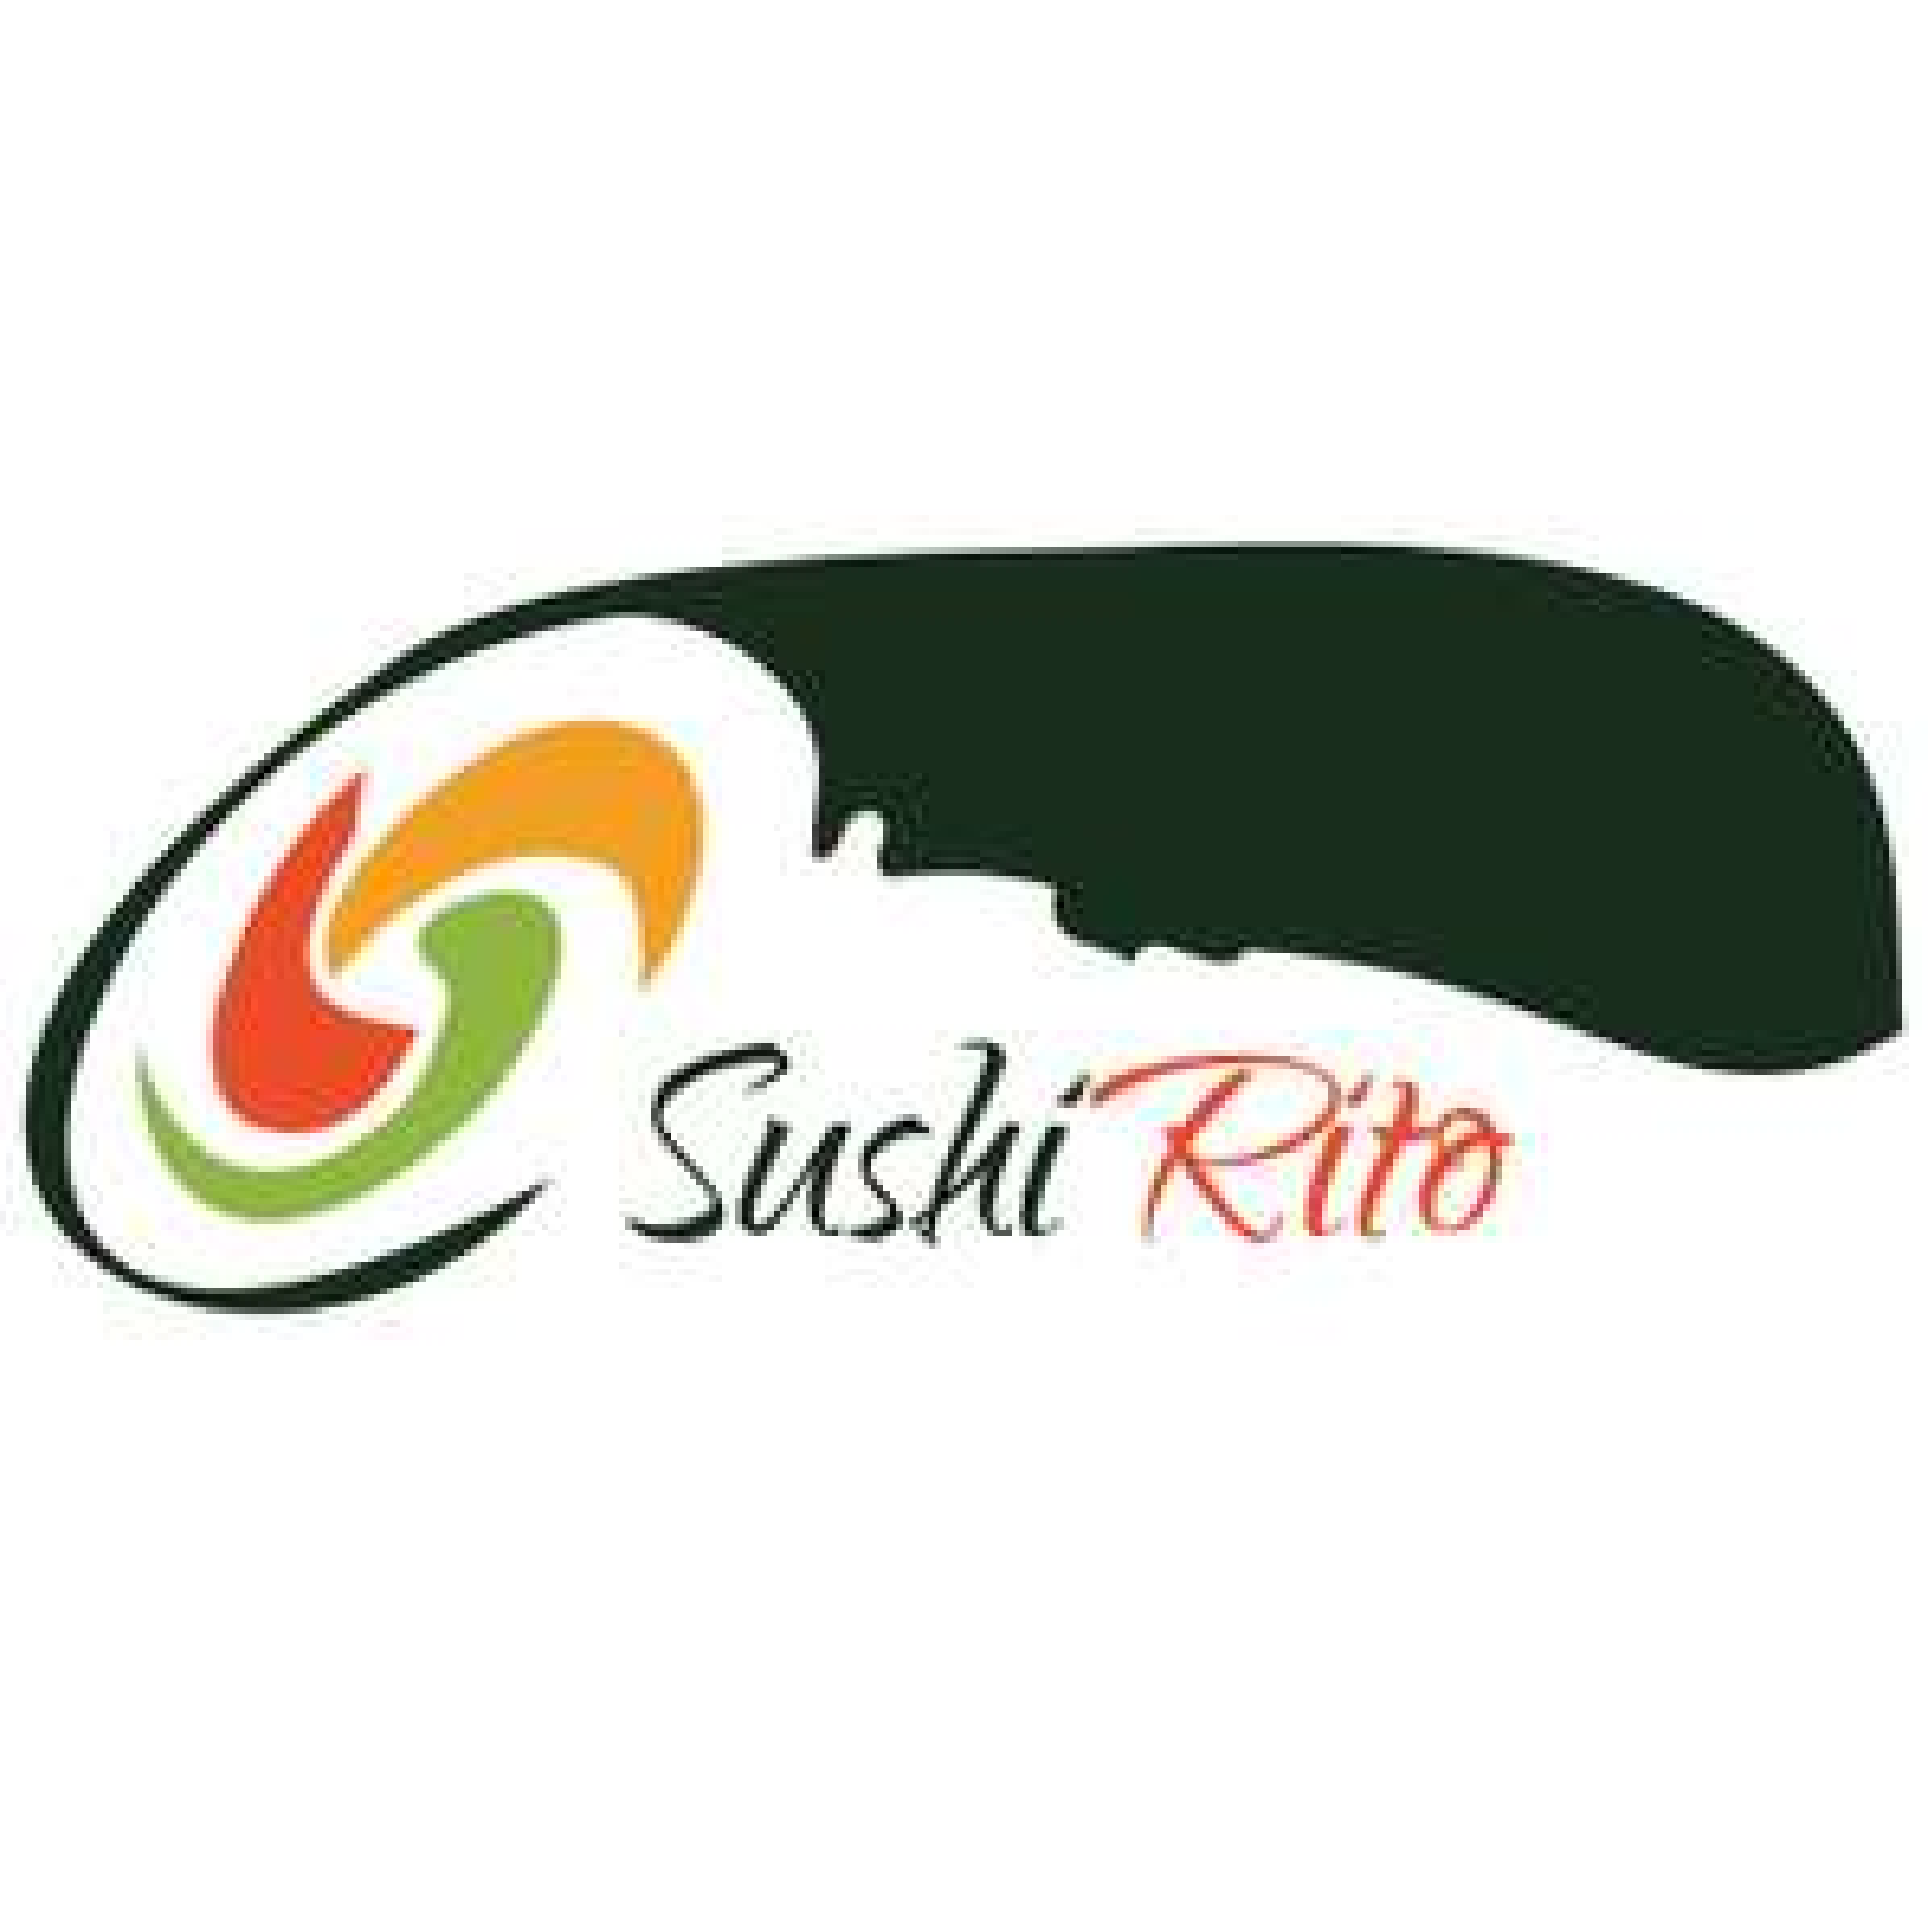 [LOKAAL] 10% korting bij Sushi Rito in Haarlem